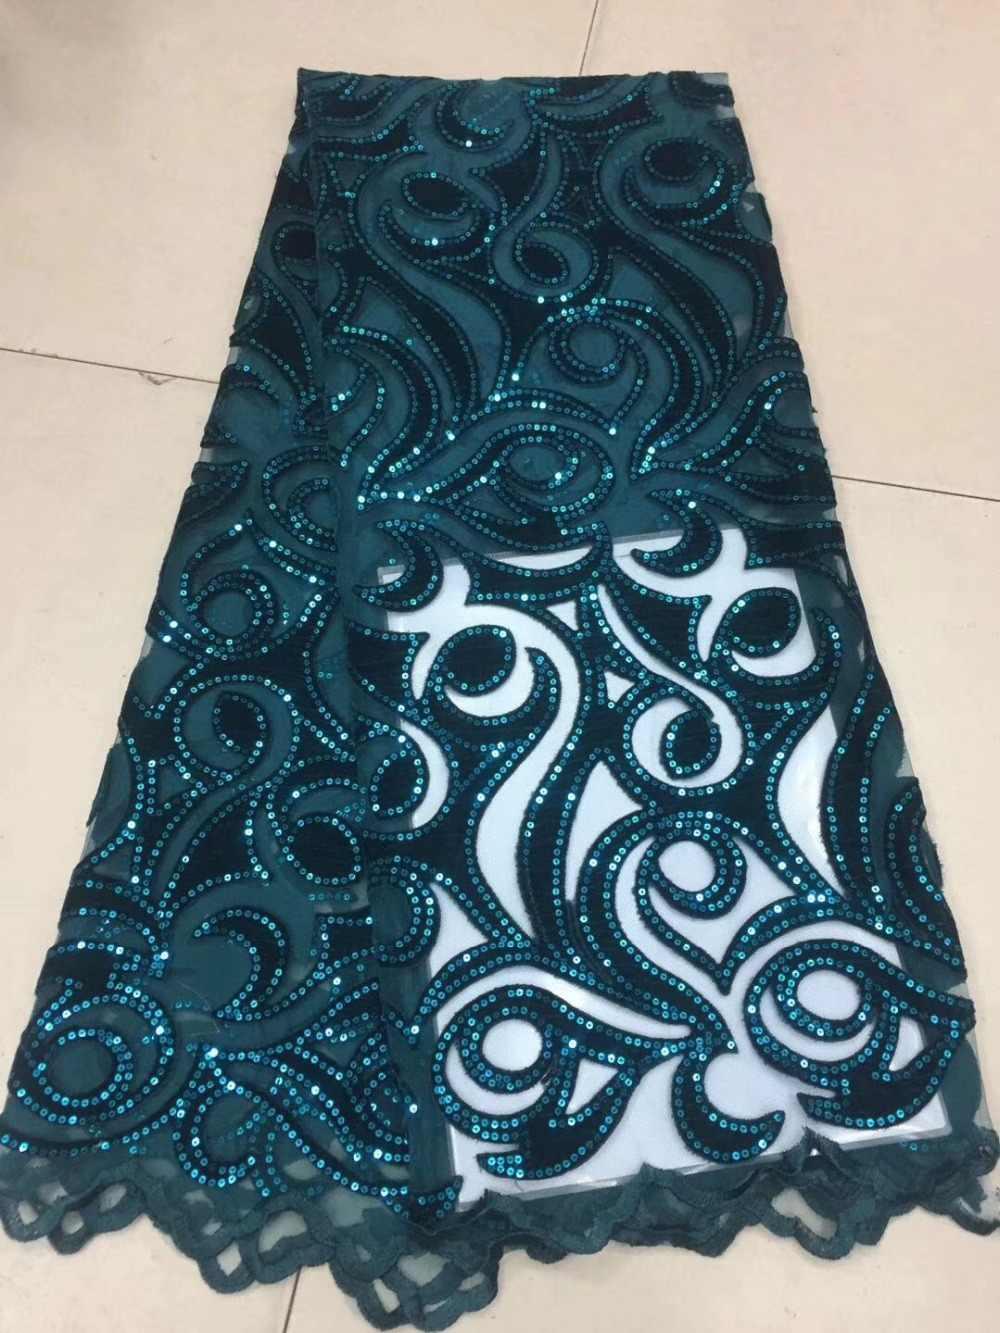 (5 ярдов/партия) 2018 новый высококачественный изумрудно-зеленый бархат Африканский кружевной французский фатин чистая кружевная ткань с блестками для вечернего платья